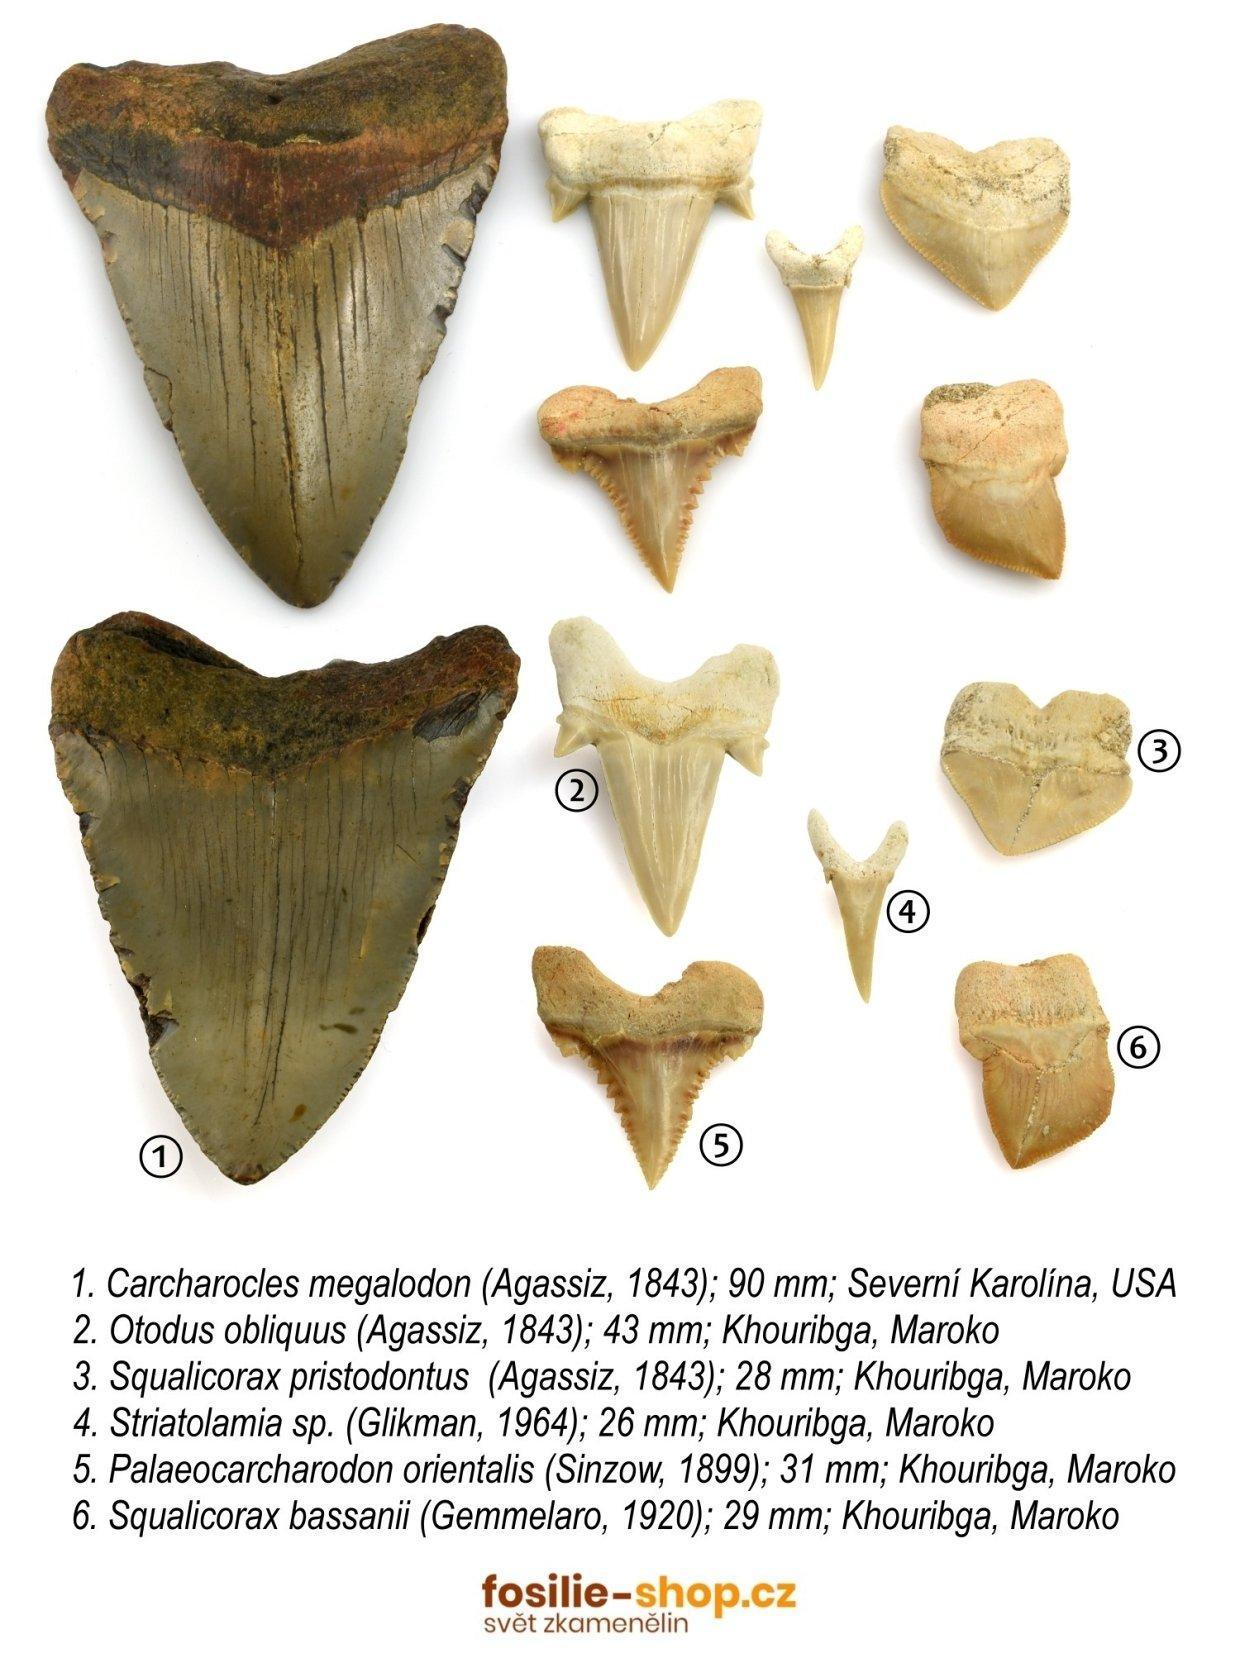 zraloci-zuby-druhy